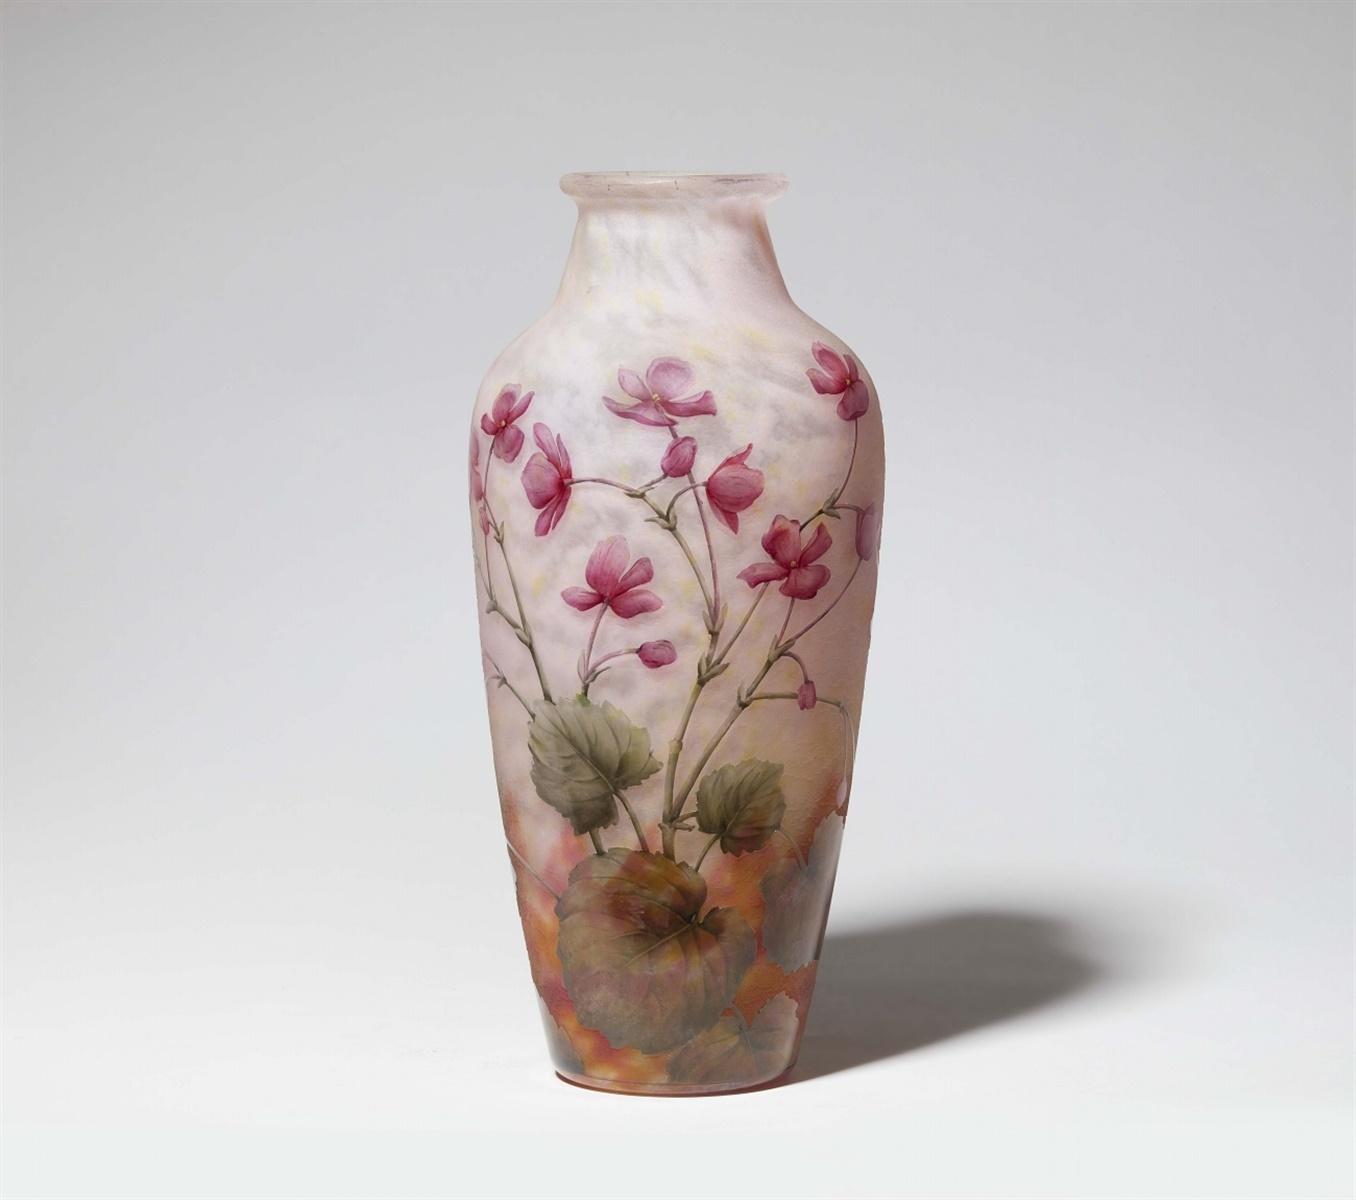 Los 25 - Vase violetsMatt geätztes Glas mit gewölkten Pulvereinschmelzungen in Gelb, Rosa und Weiß,